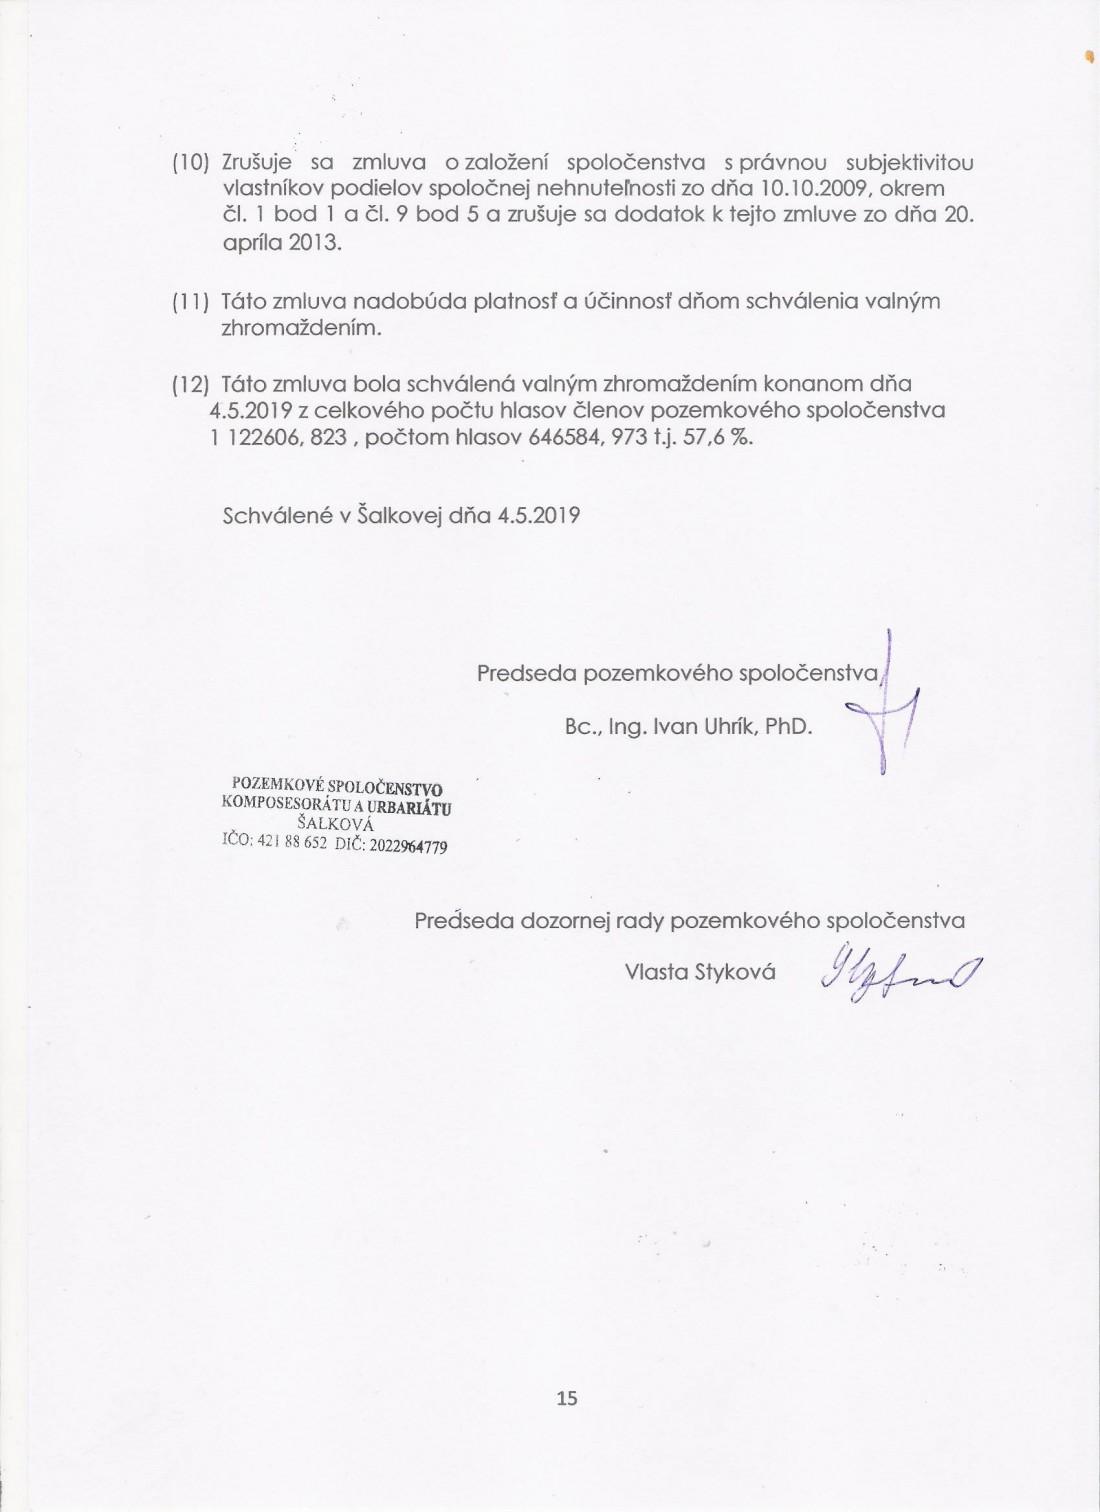 Zmluva o PS zo dňa 4.5.2019 - strana č. 15